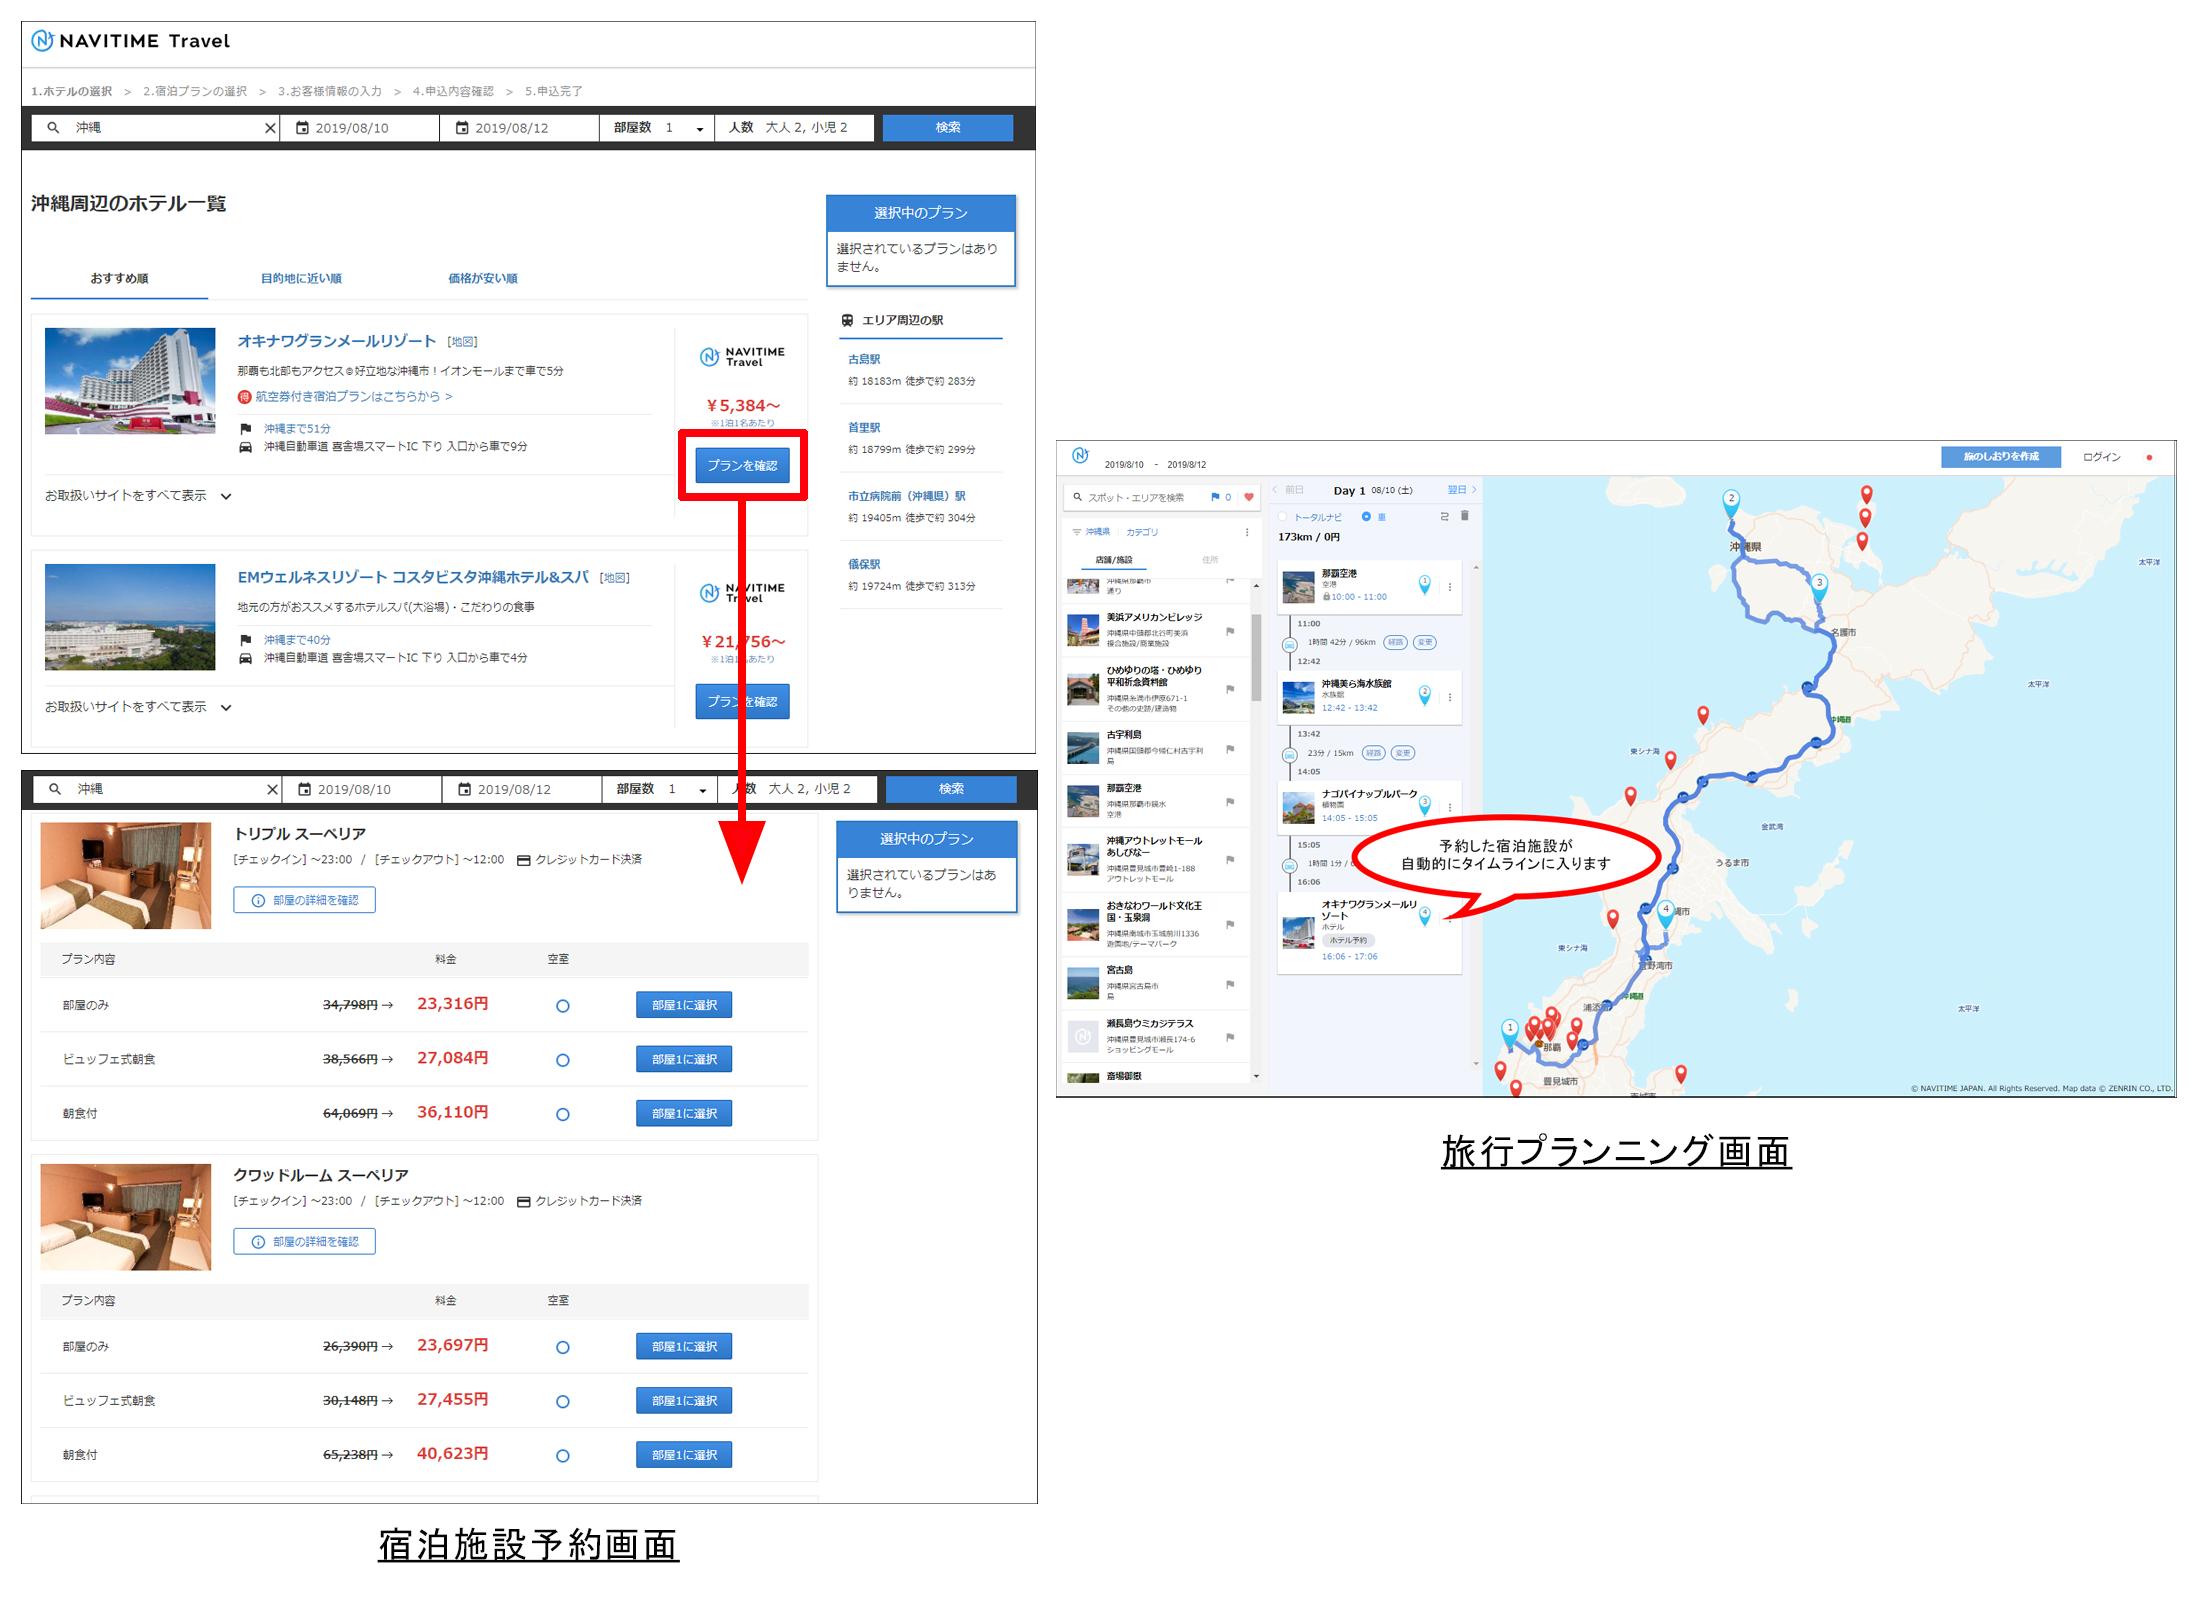 http://corporate.navitime.co.jp/topics/02b97373382877ab6241188d01ed3e83b0078c3c.png